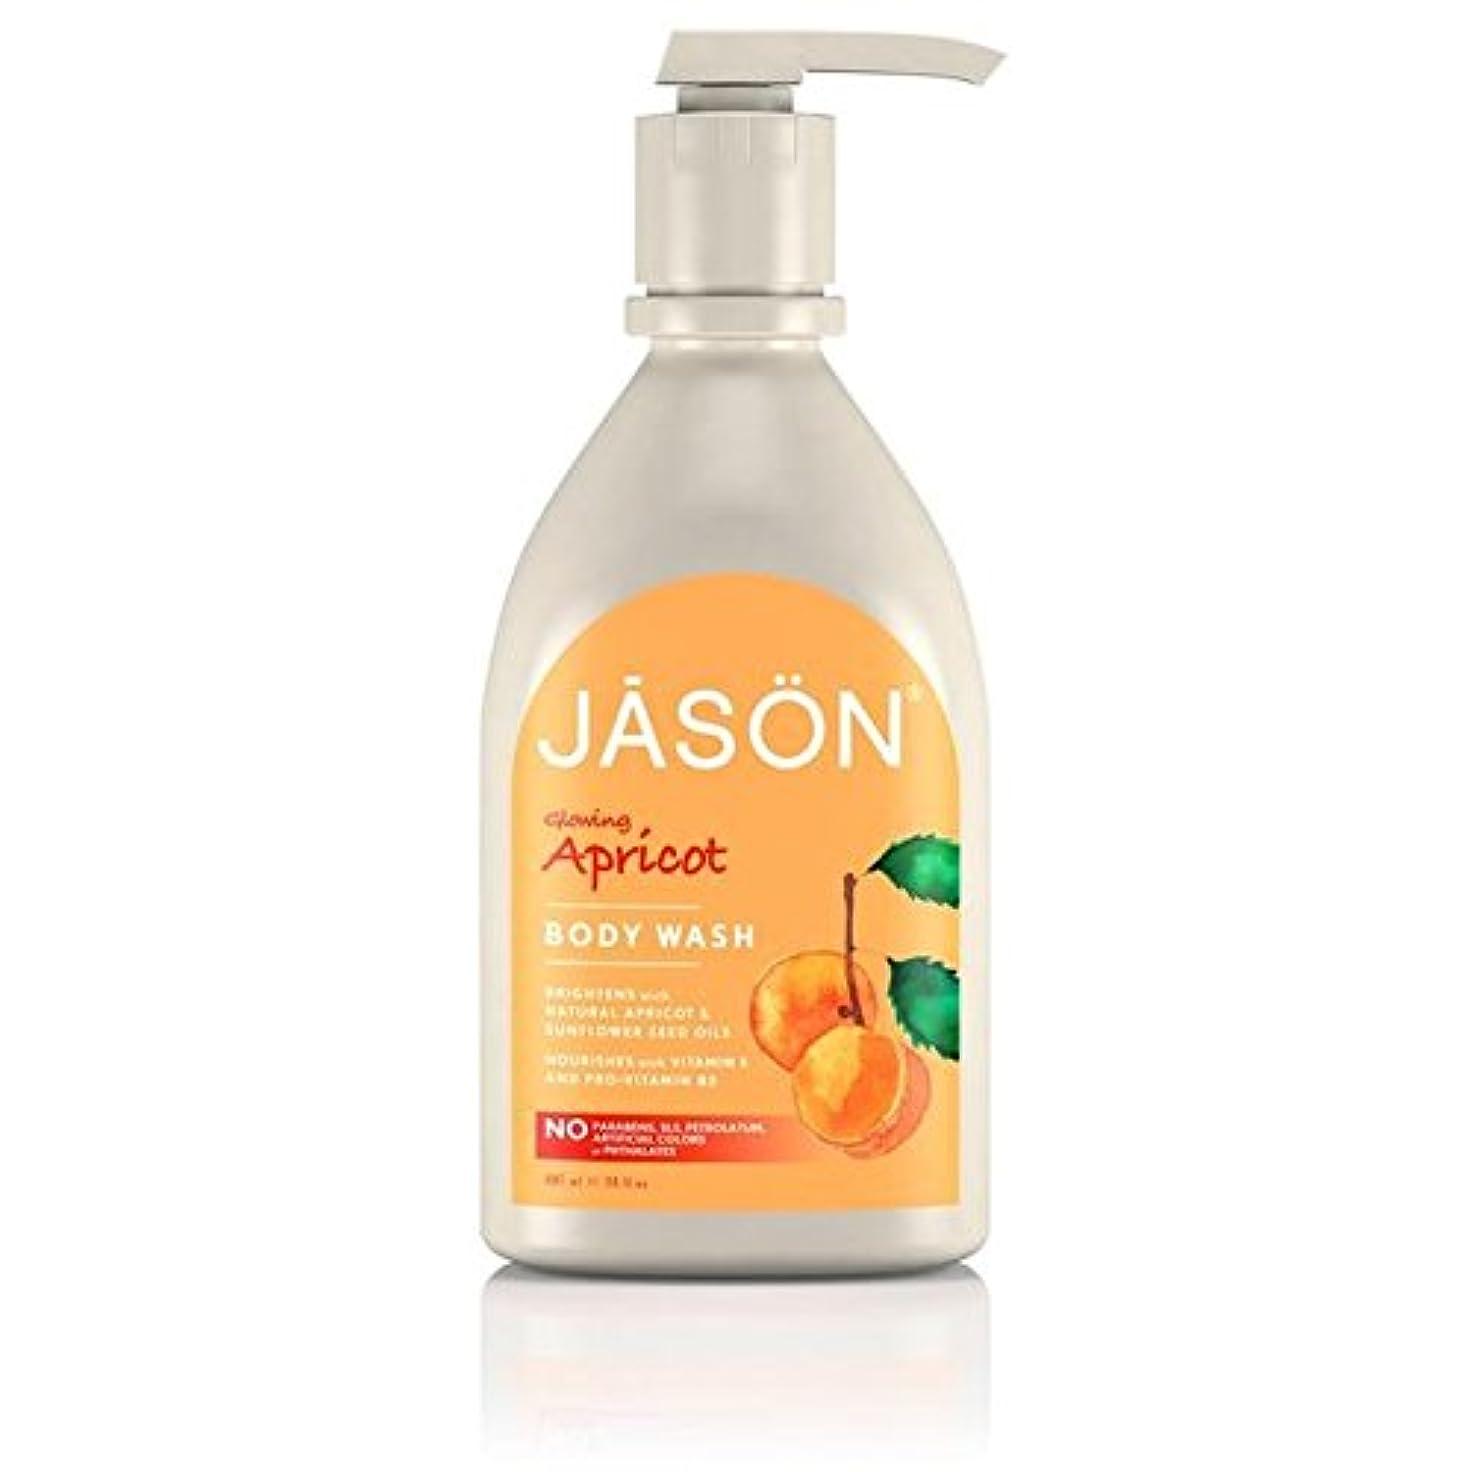 もっと一致する気になるジェイソン?アプリコットサテンボディウォッシュポンプ900ミリリットル x4 - Jason Apricot Satin Body Wash Pump 900ml (Pack of 4) [並行輸入品]